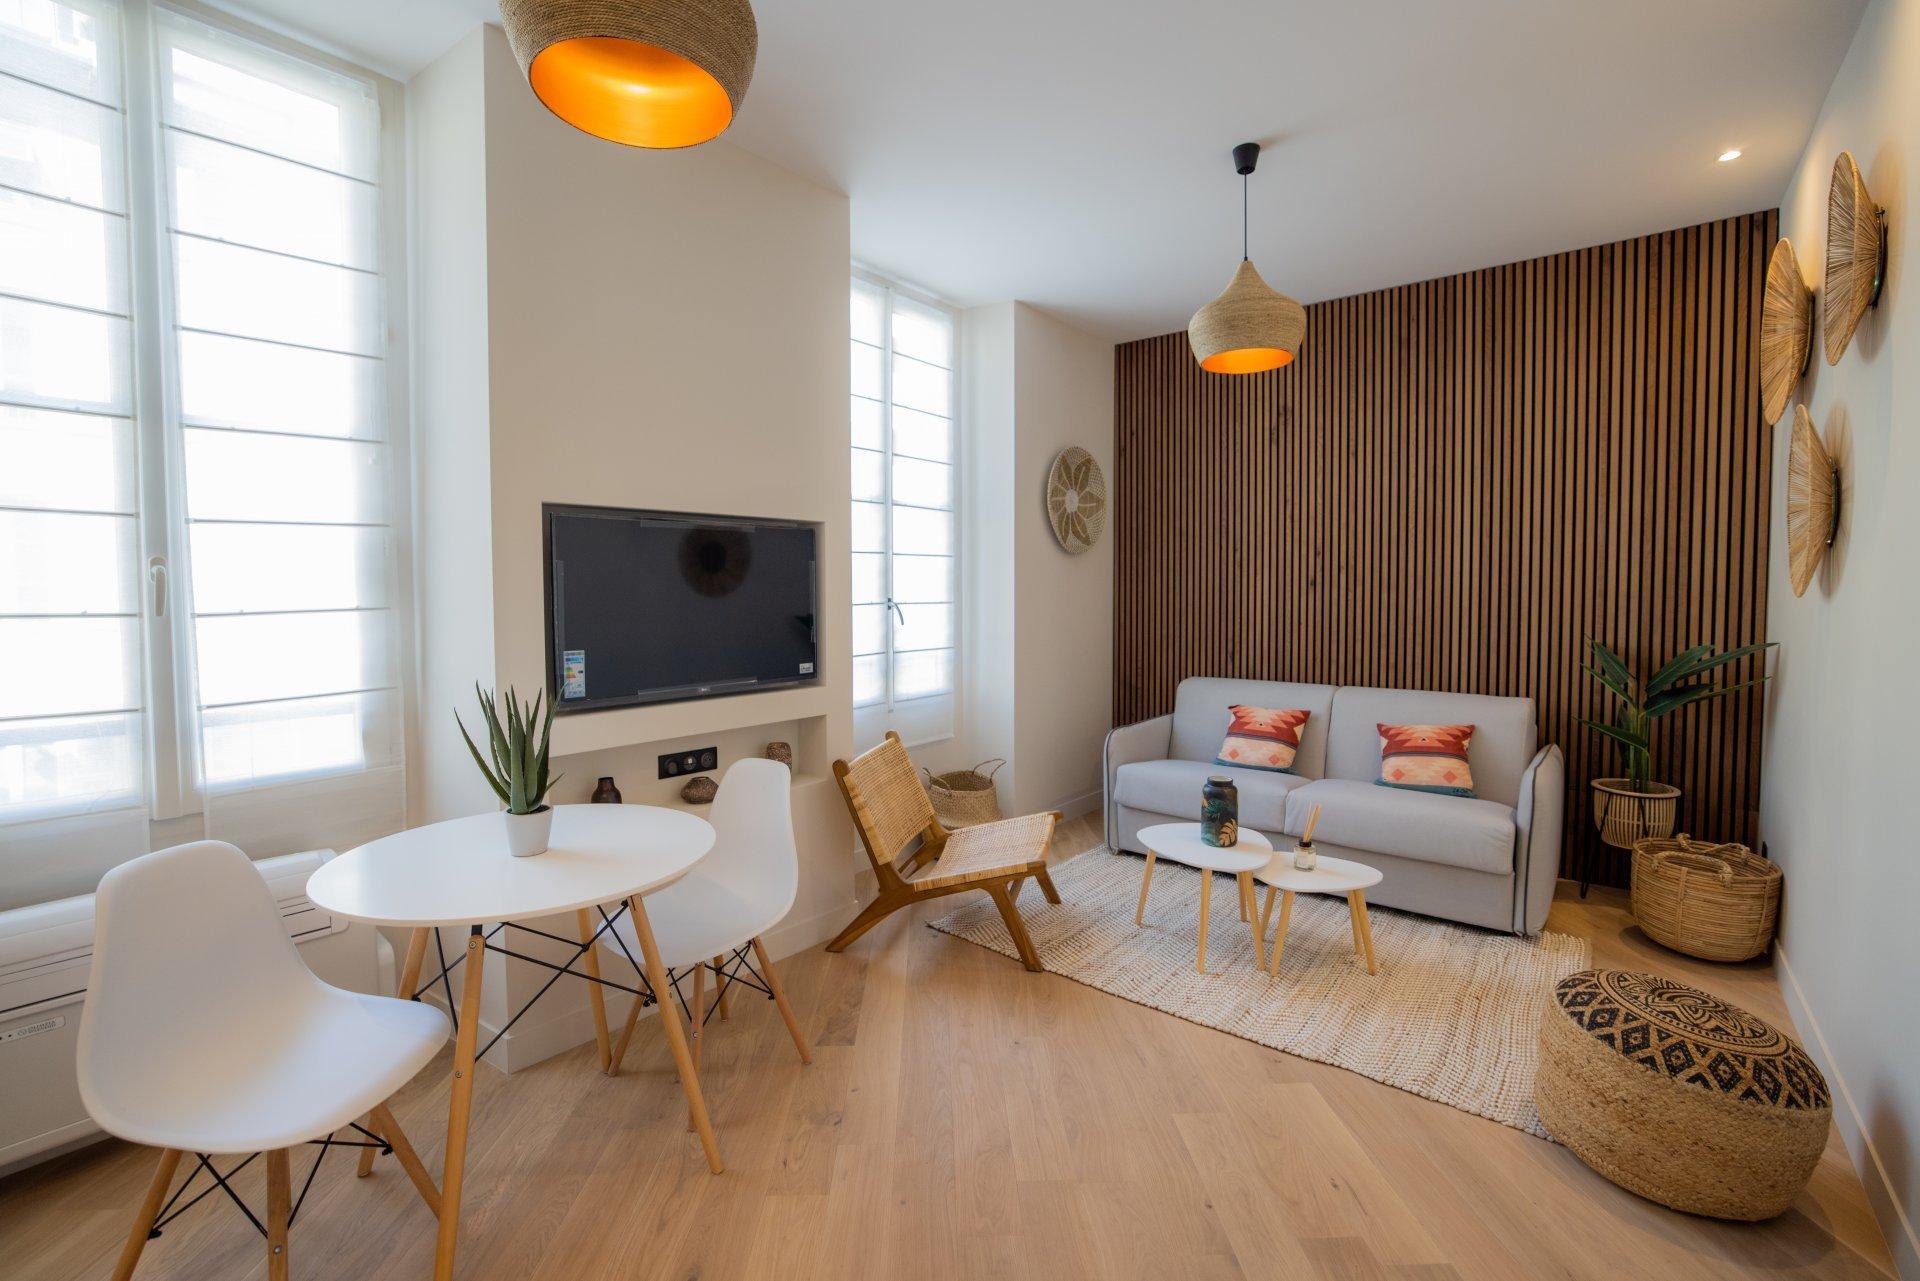 Försäljning Lägenhet - Nice Garibaldi